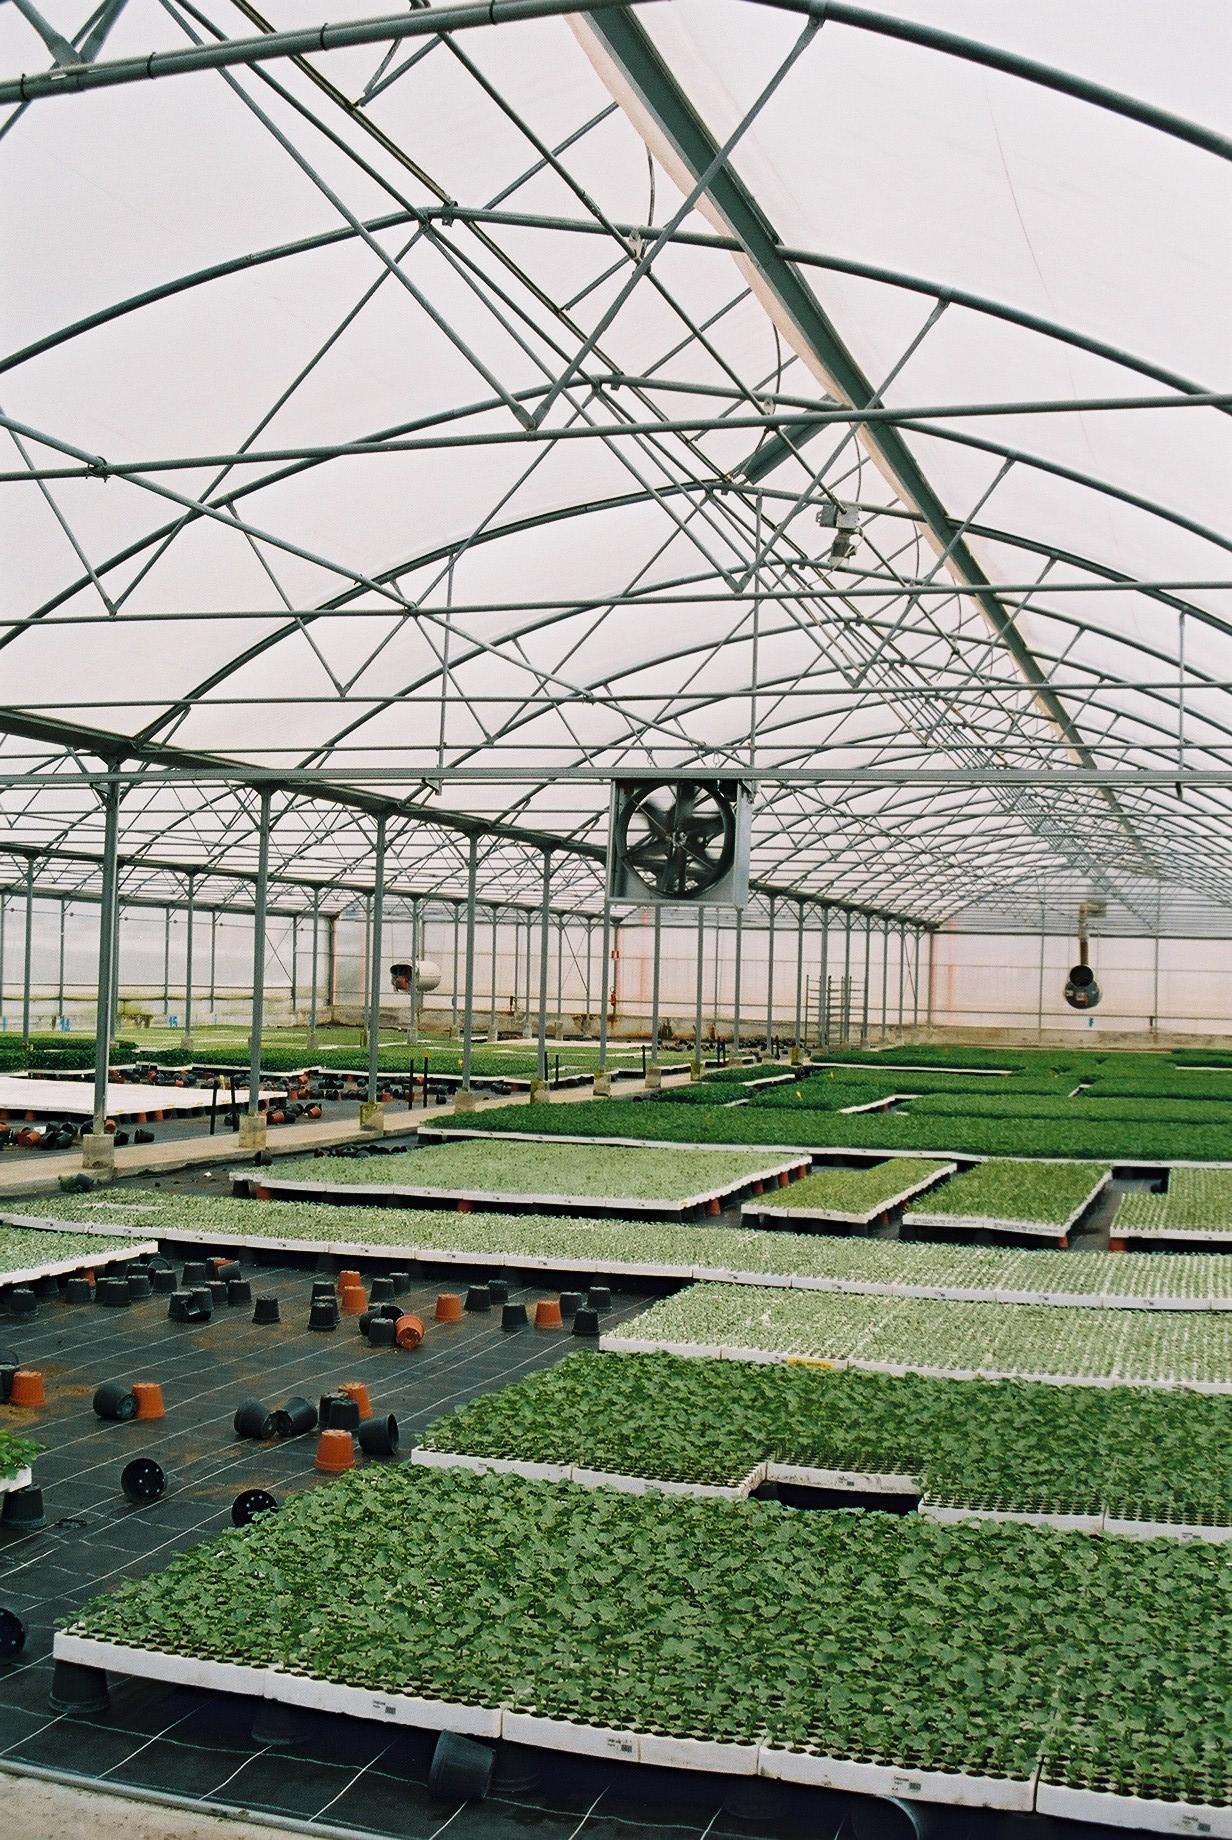 Sere cu deschidere simpla la culme MENATWORK AGRICOL - Poza 6